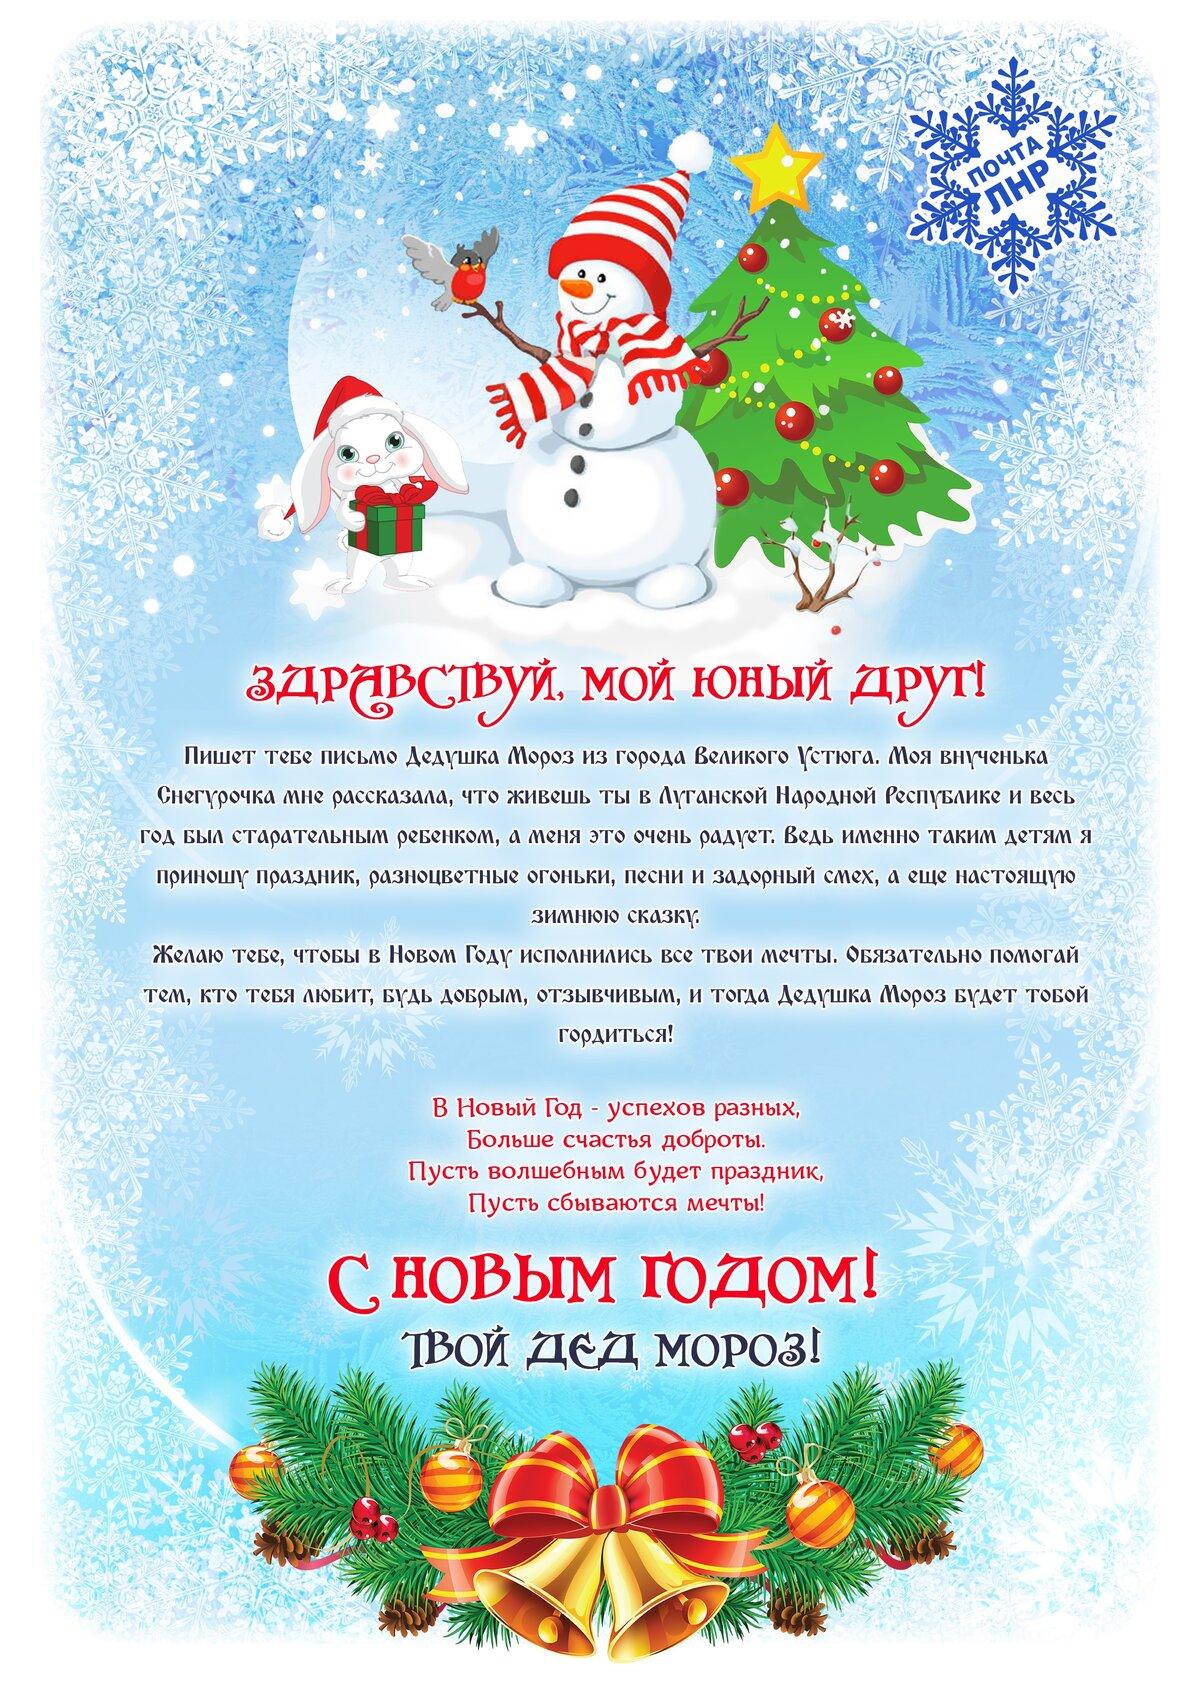 Поздравление от деда мороза детям открытка, днем